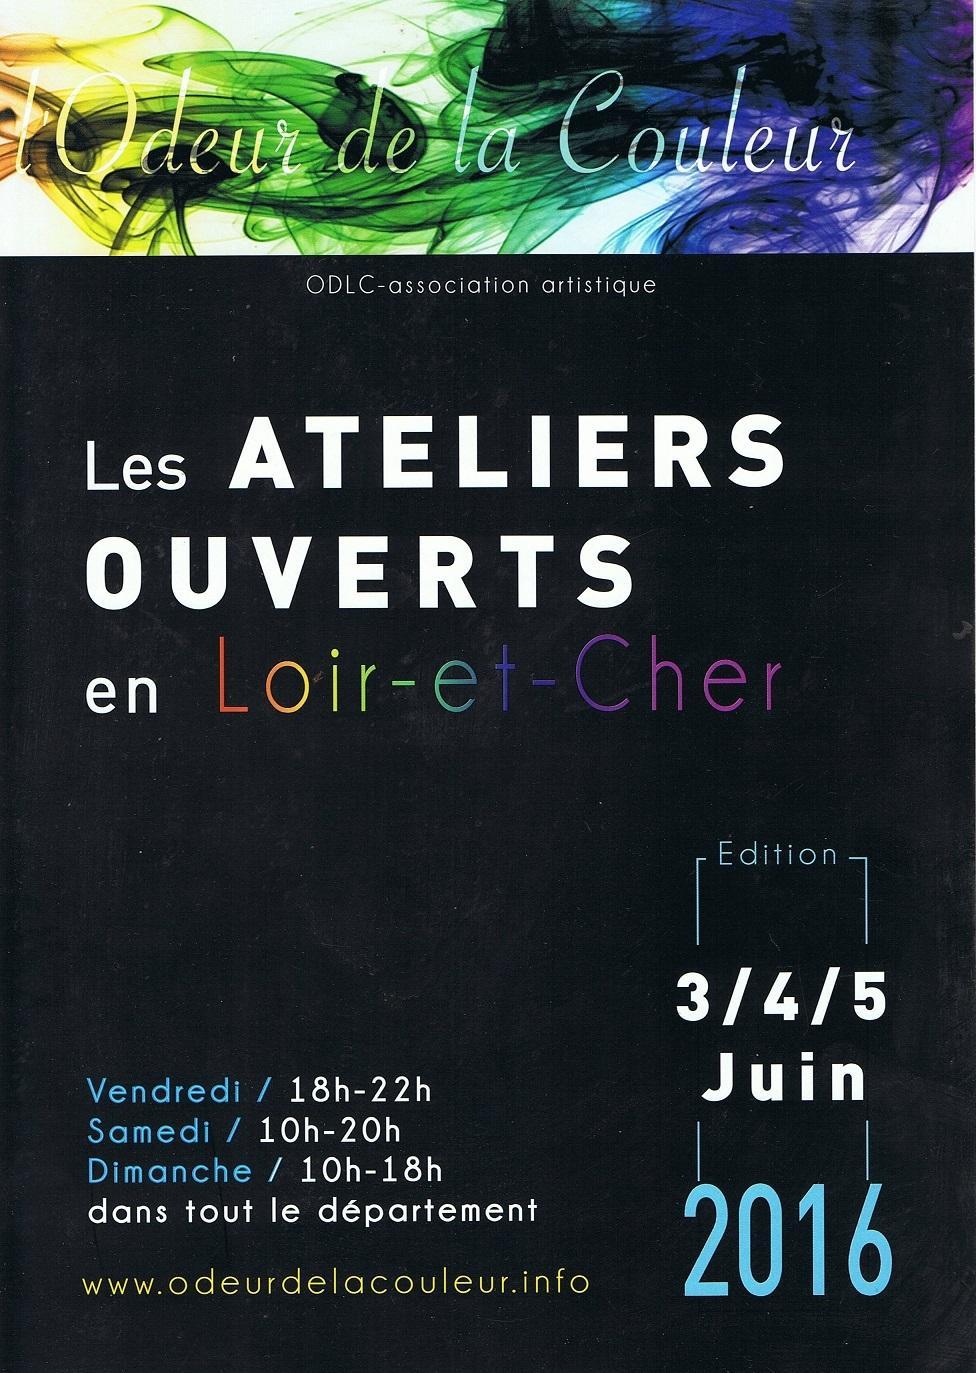 Actualité de NICOLE BOURGAIT CONCEPT VEGETAL ATELIERS D'ARTISTES DU LOIR & CHER